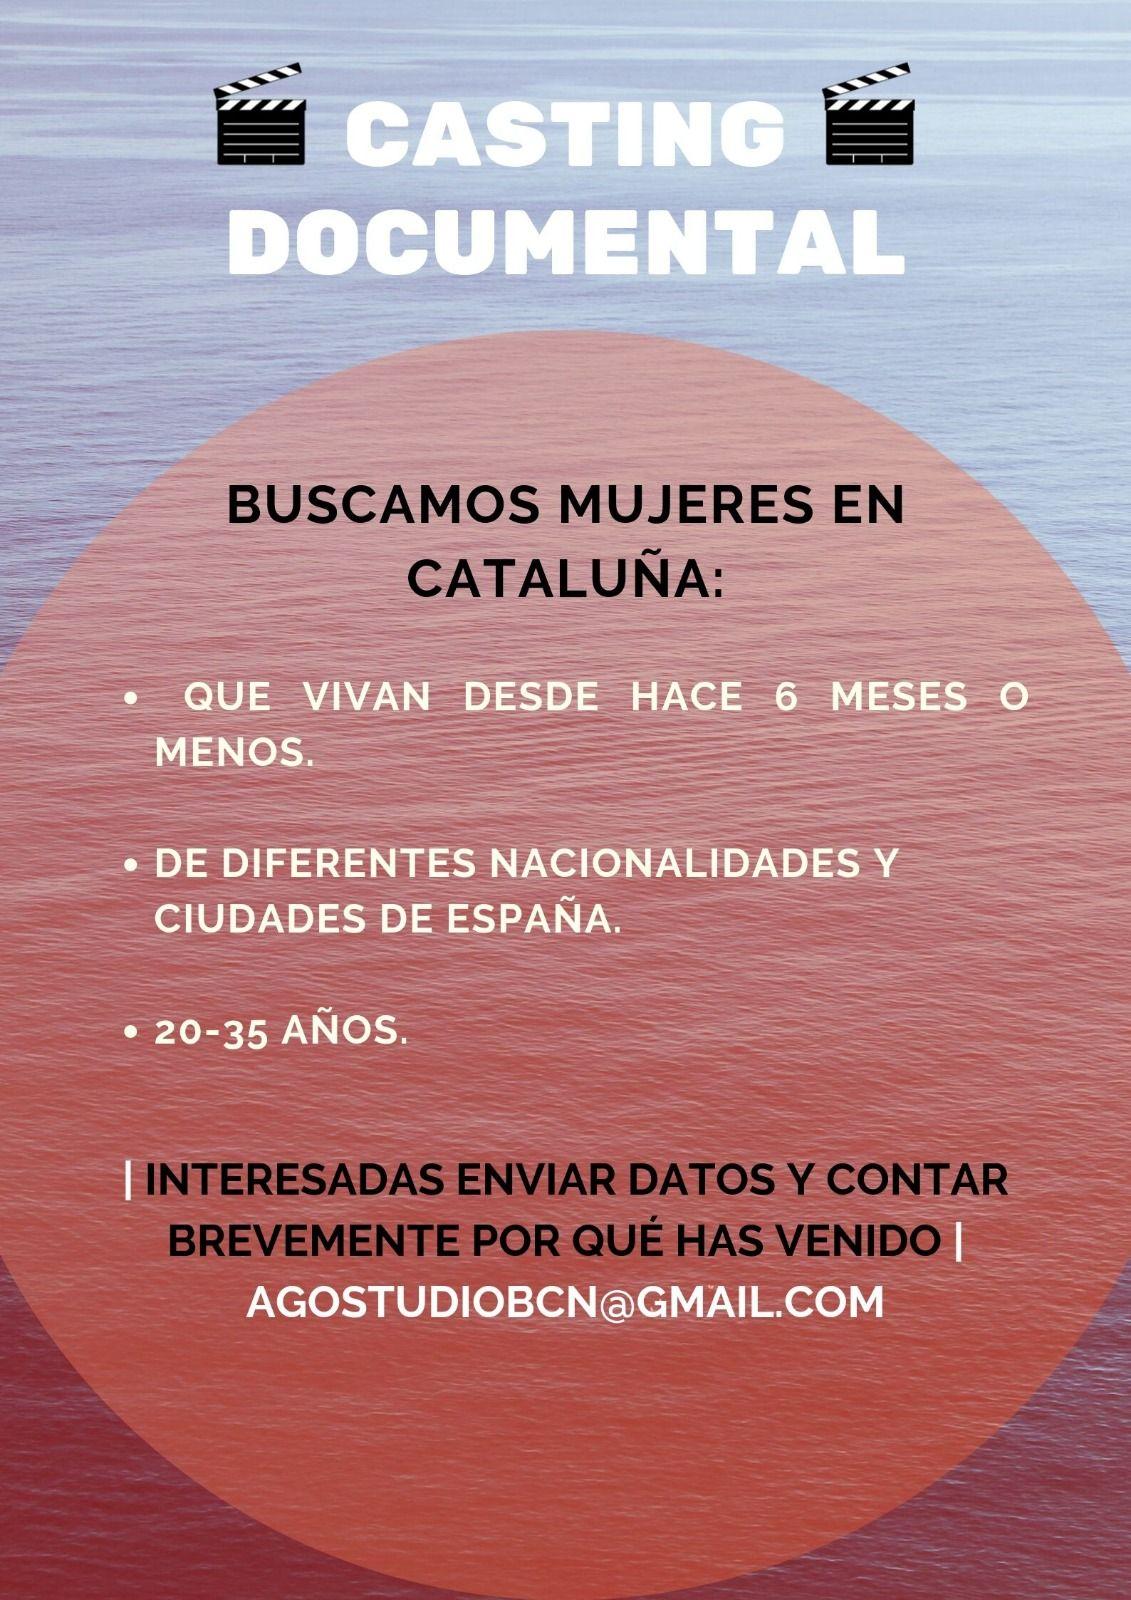 Muejeres de 20 a 35 años para rodar Documental en Cataluña